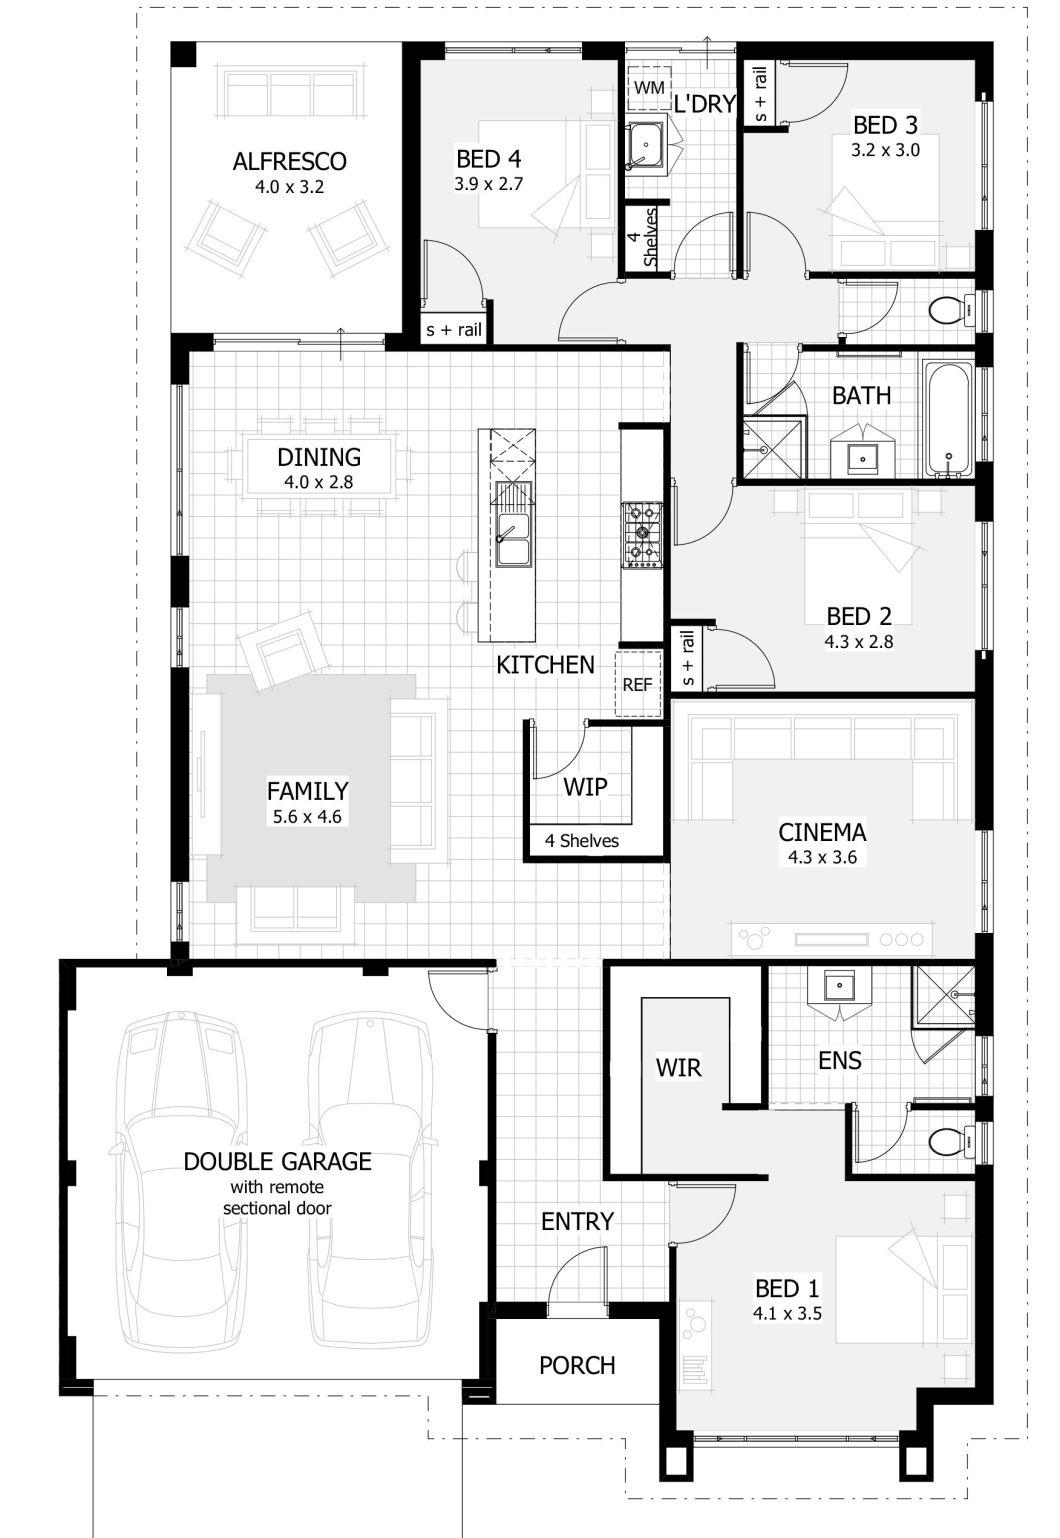 5 bedroom house plans single story australia for 5 bedroom floor plans australia